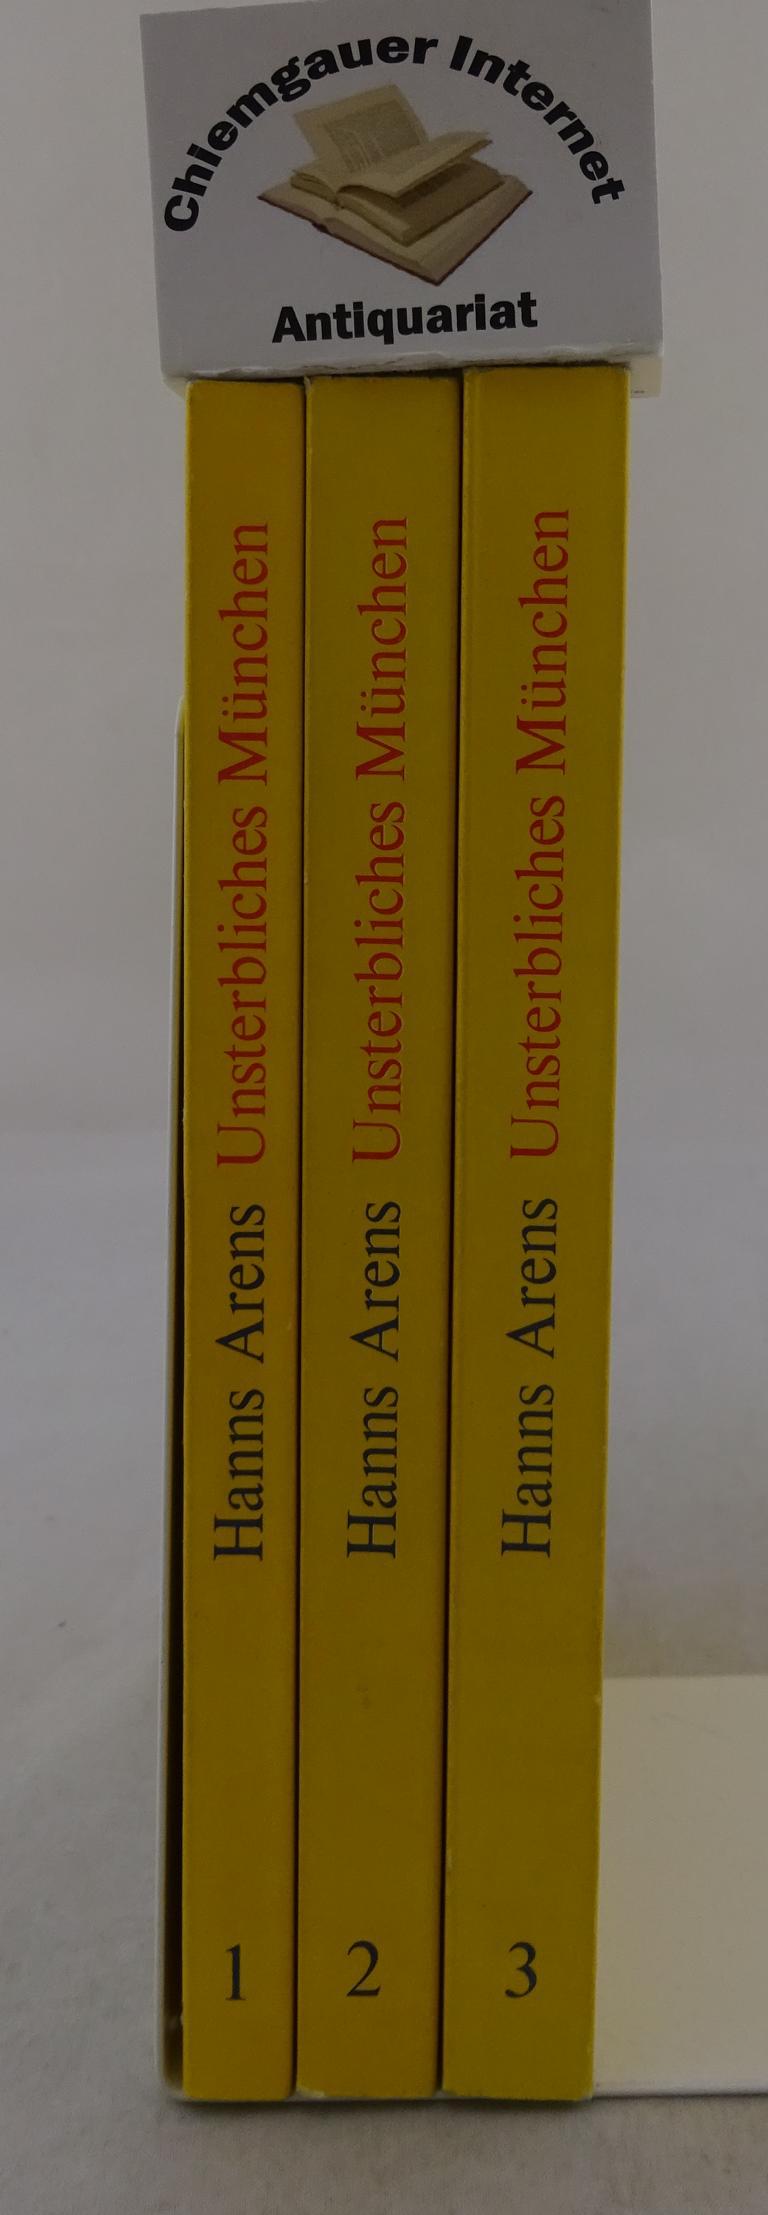 Arens, Hanns: Unsterbliches München. Streifzüge durch 200 Jahre literarischen Lebens der Stadt. DREI (3) Bände. Neudruck der 1968 im Bechtle verlag erschienenen Ausgabe.